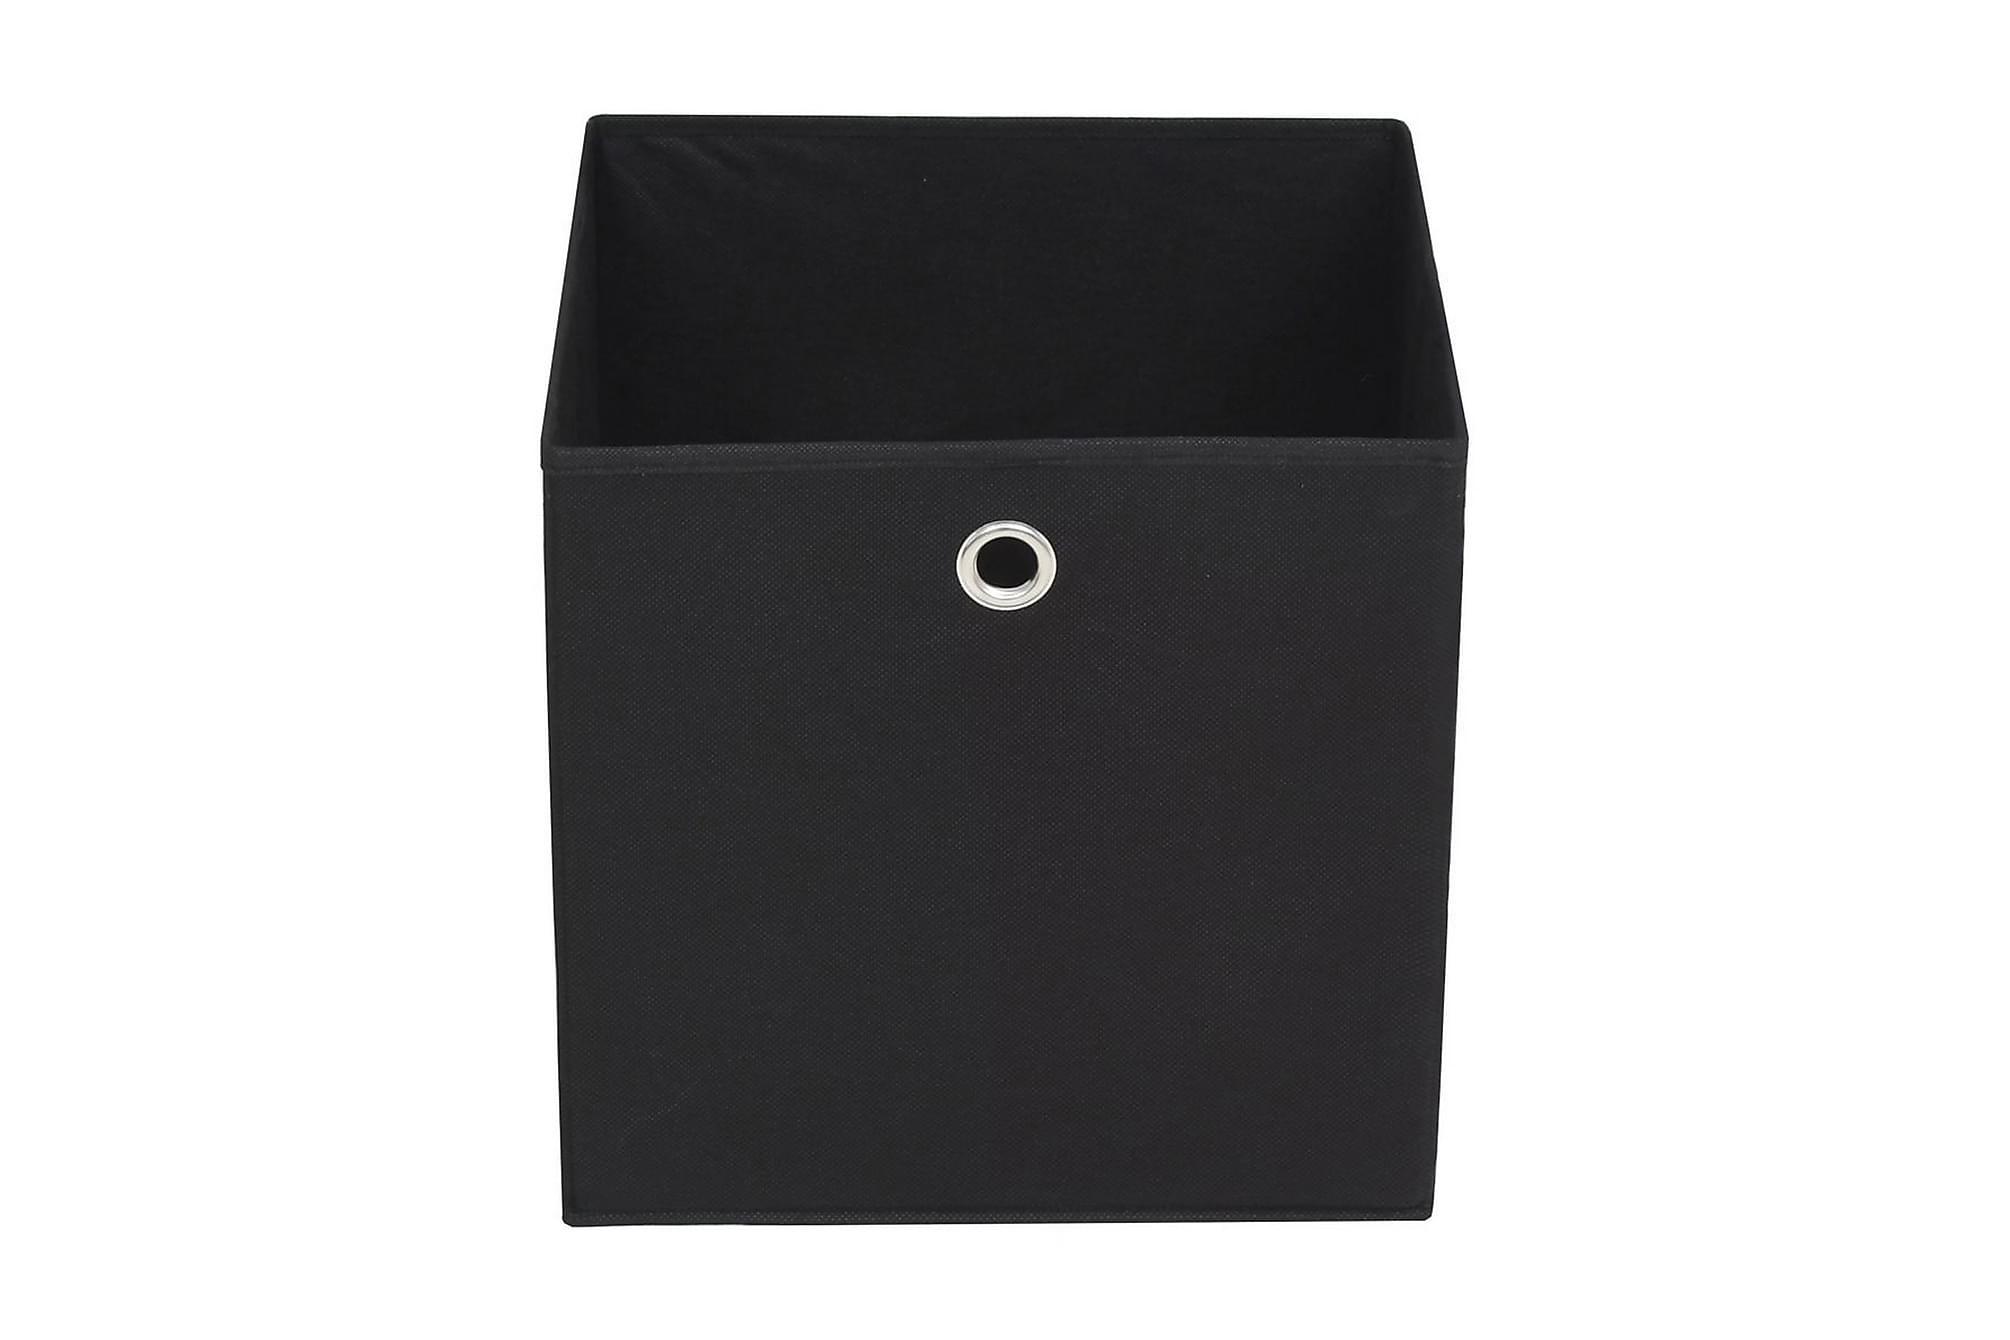 Förvaringslådor 10 st non-woven tyg 32x32x32 cm svart, Förvaringslådor & korgar